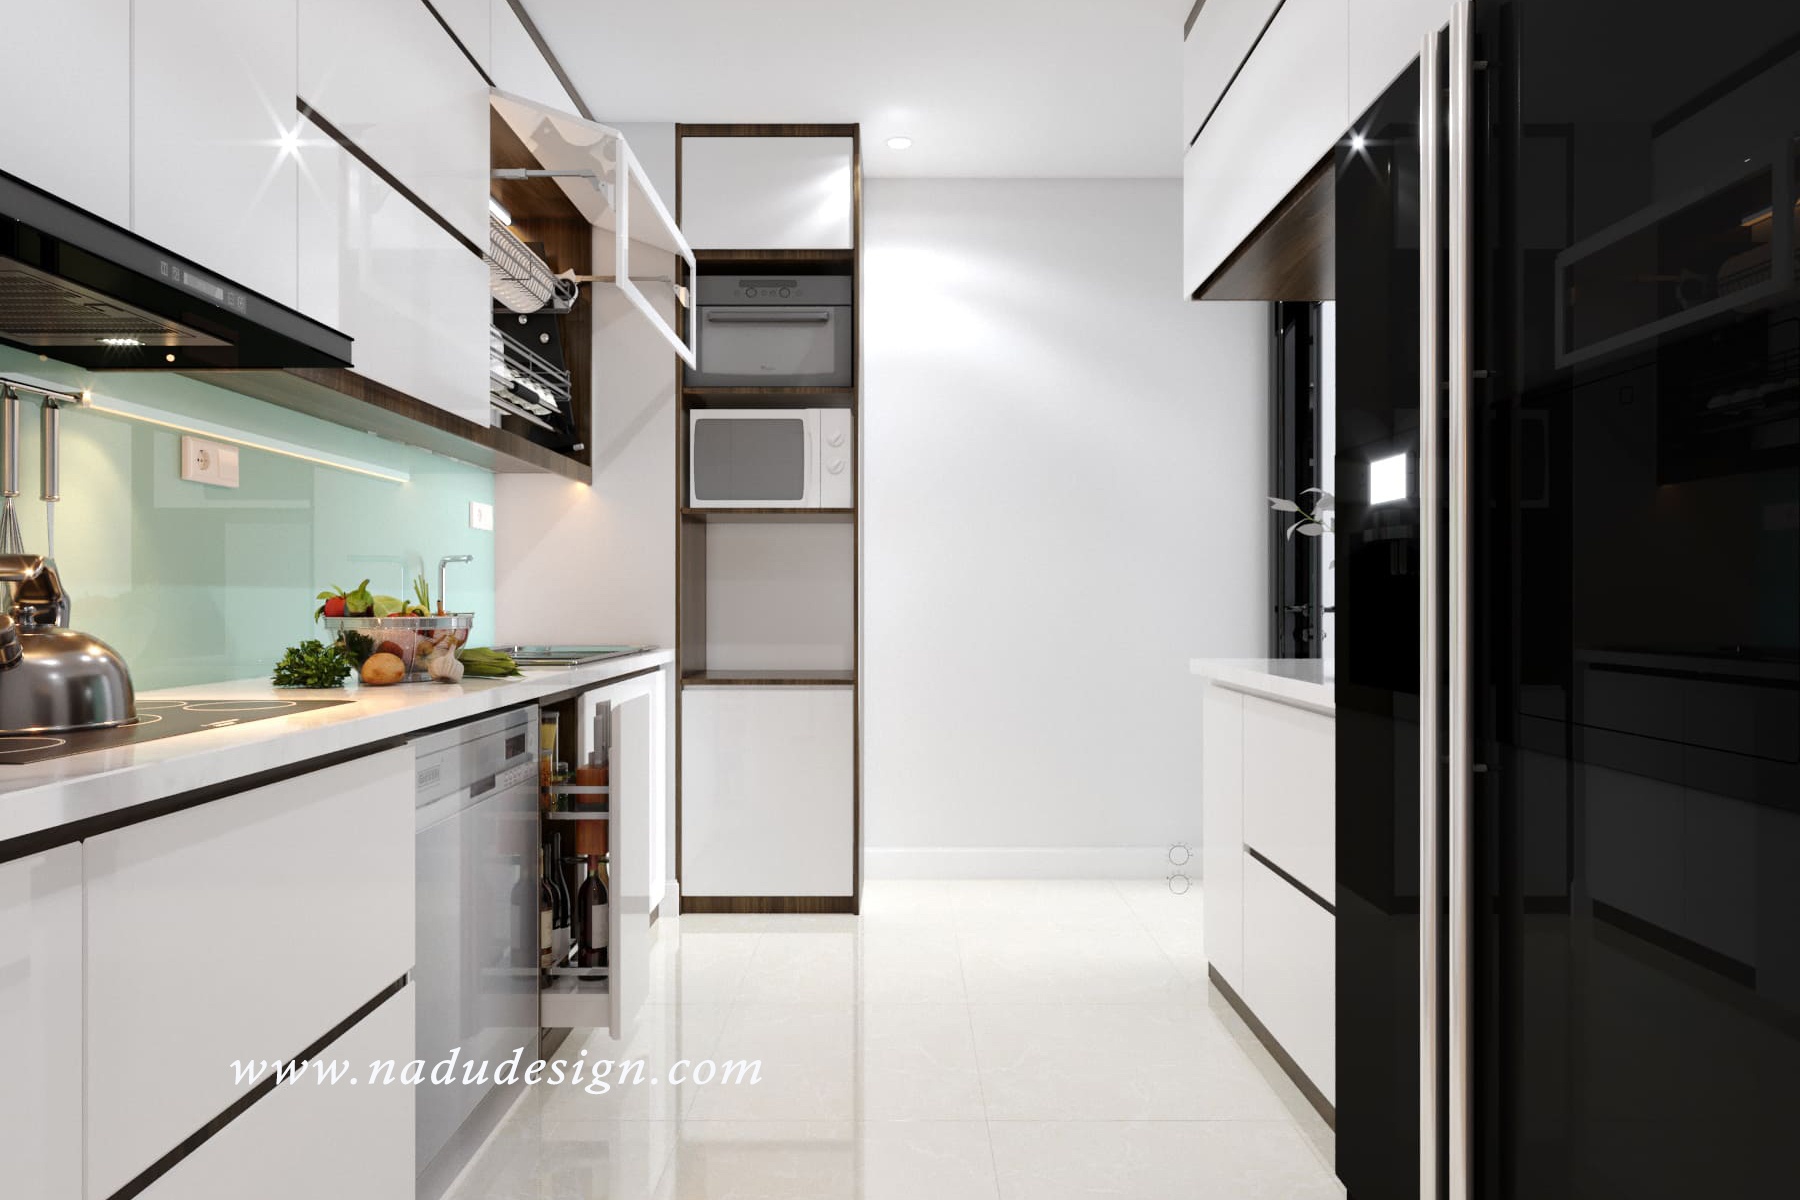 thiết kế nội thất nhà bếp đẹp nhờ gỗ óc chó